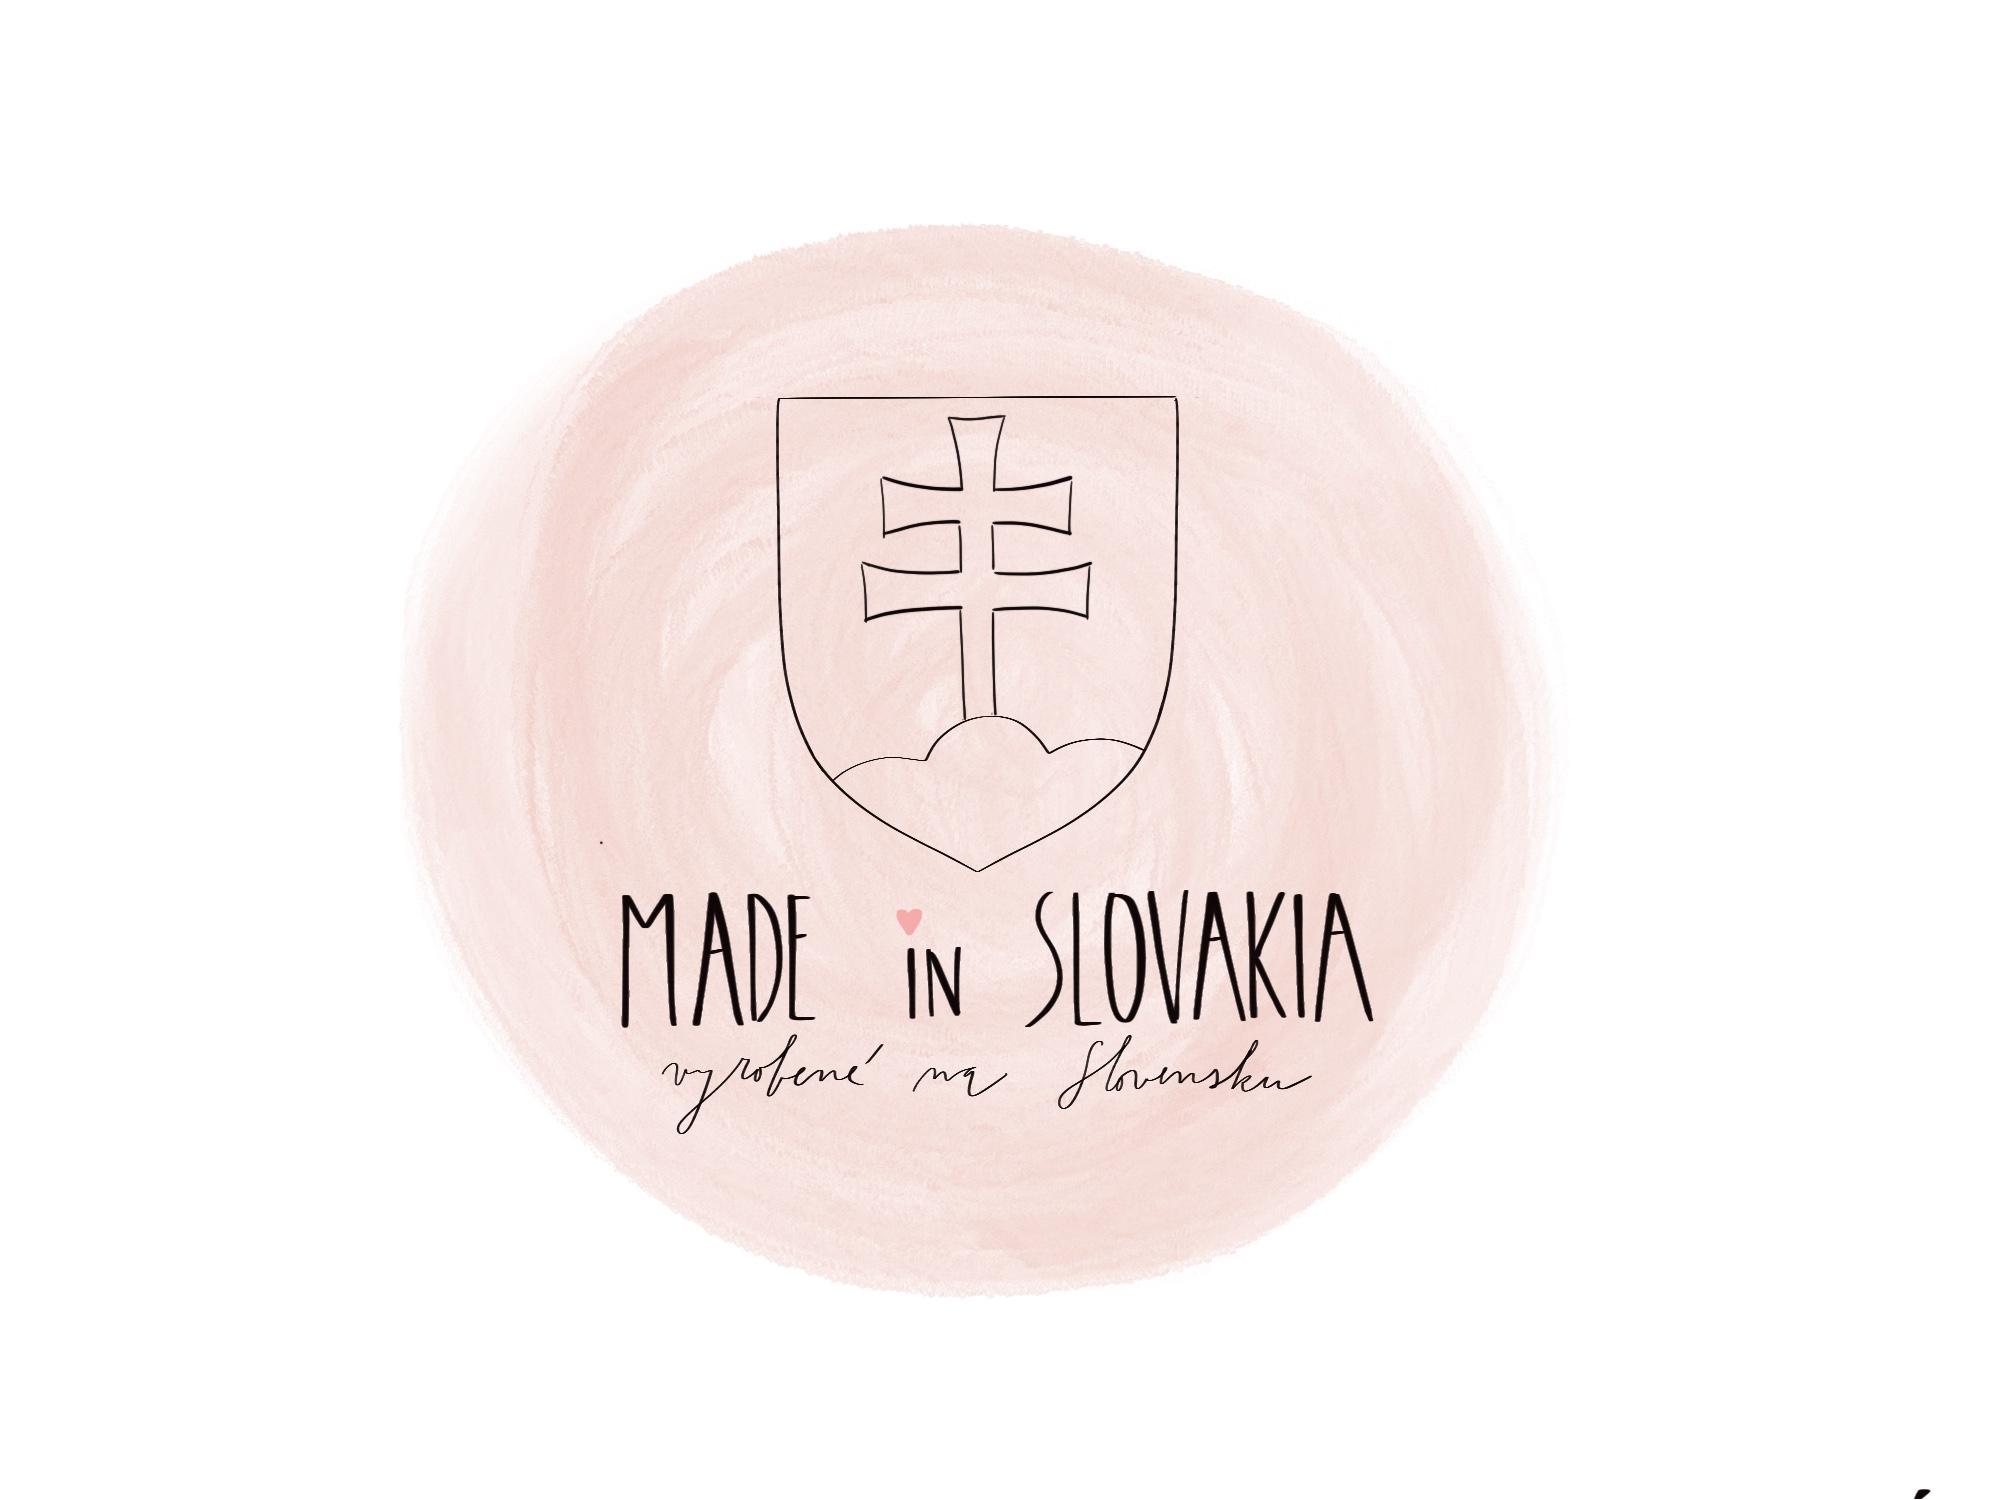 #vyrobene na Slovensku